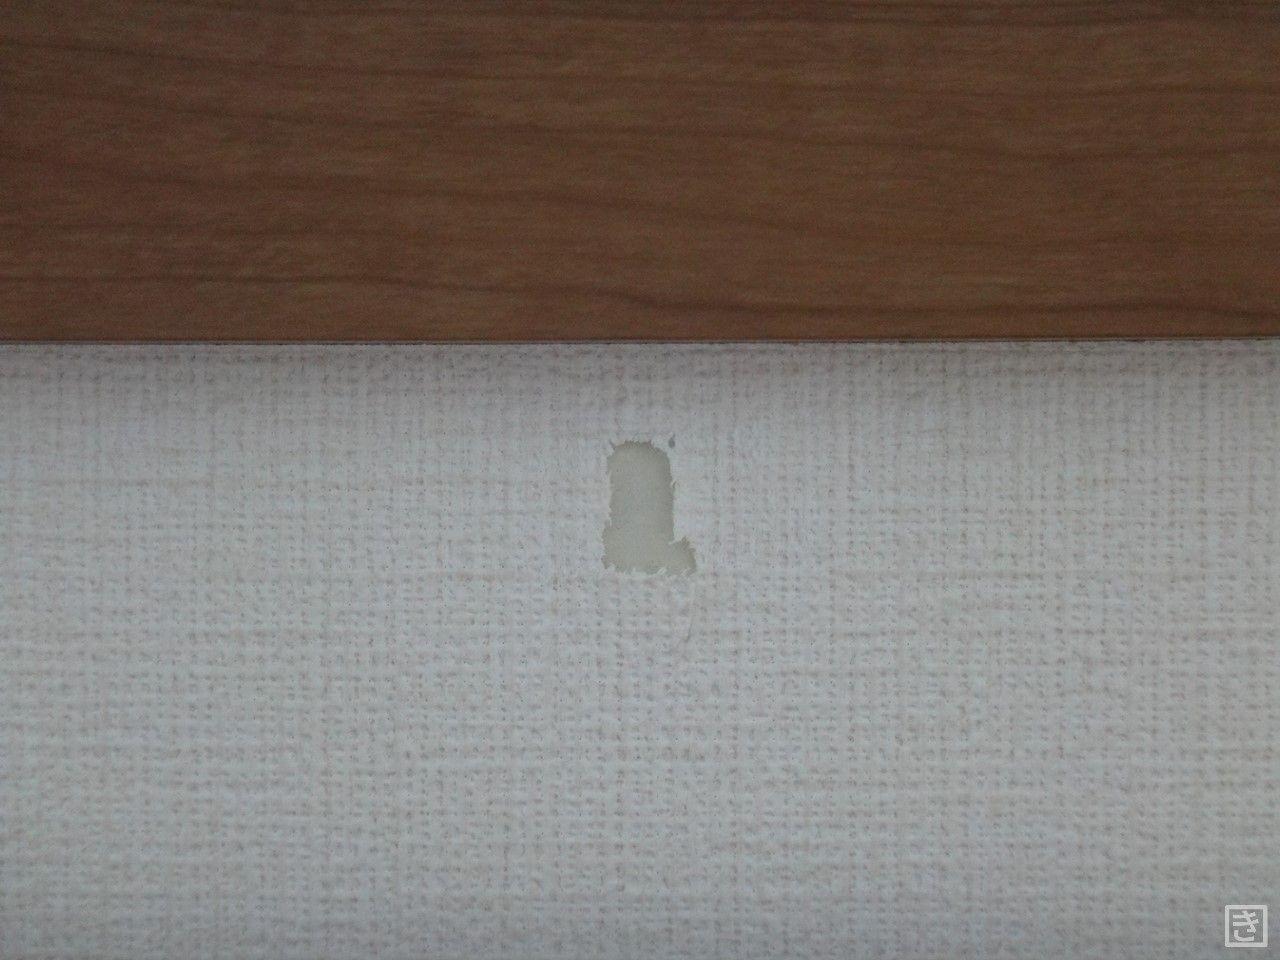 壁紙を一部直す Raging Murmur Rakuten Edition 楽天ブログ